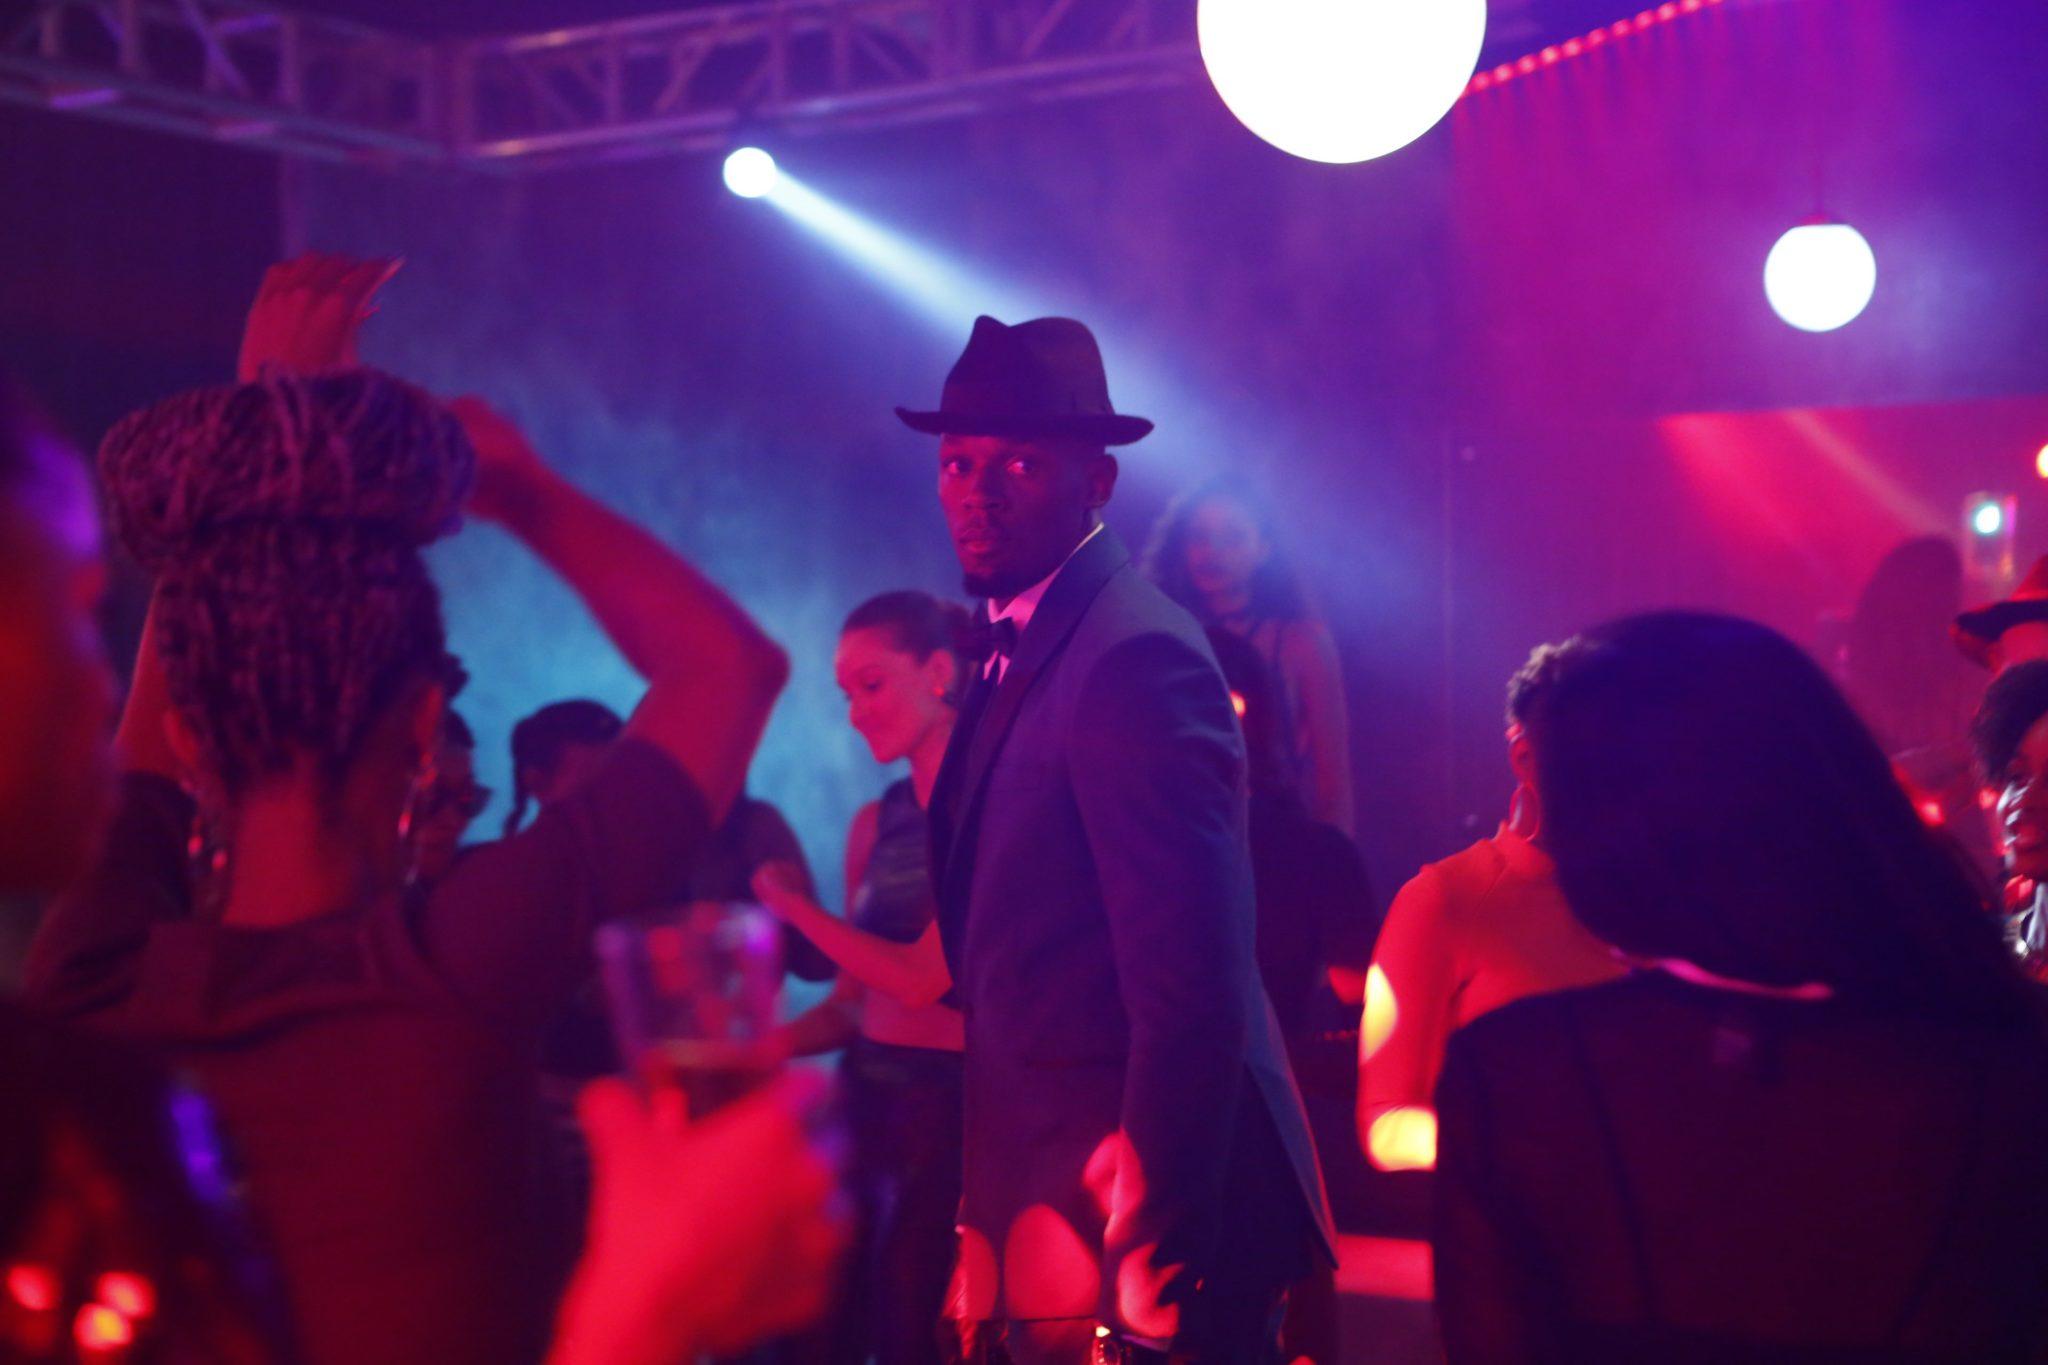 J'ai dansé en Jamaïque avec Usain Bolt  3ème partie: Tourner avec Usain Bolt: check.